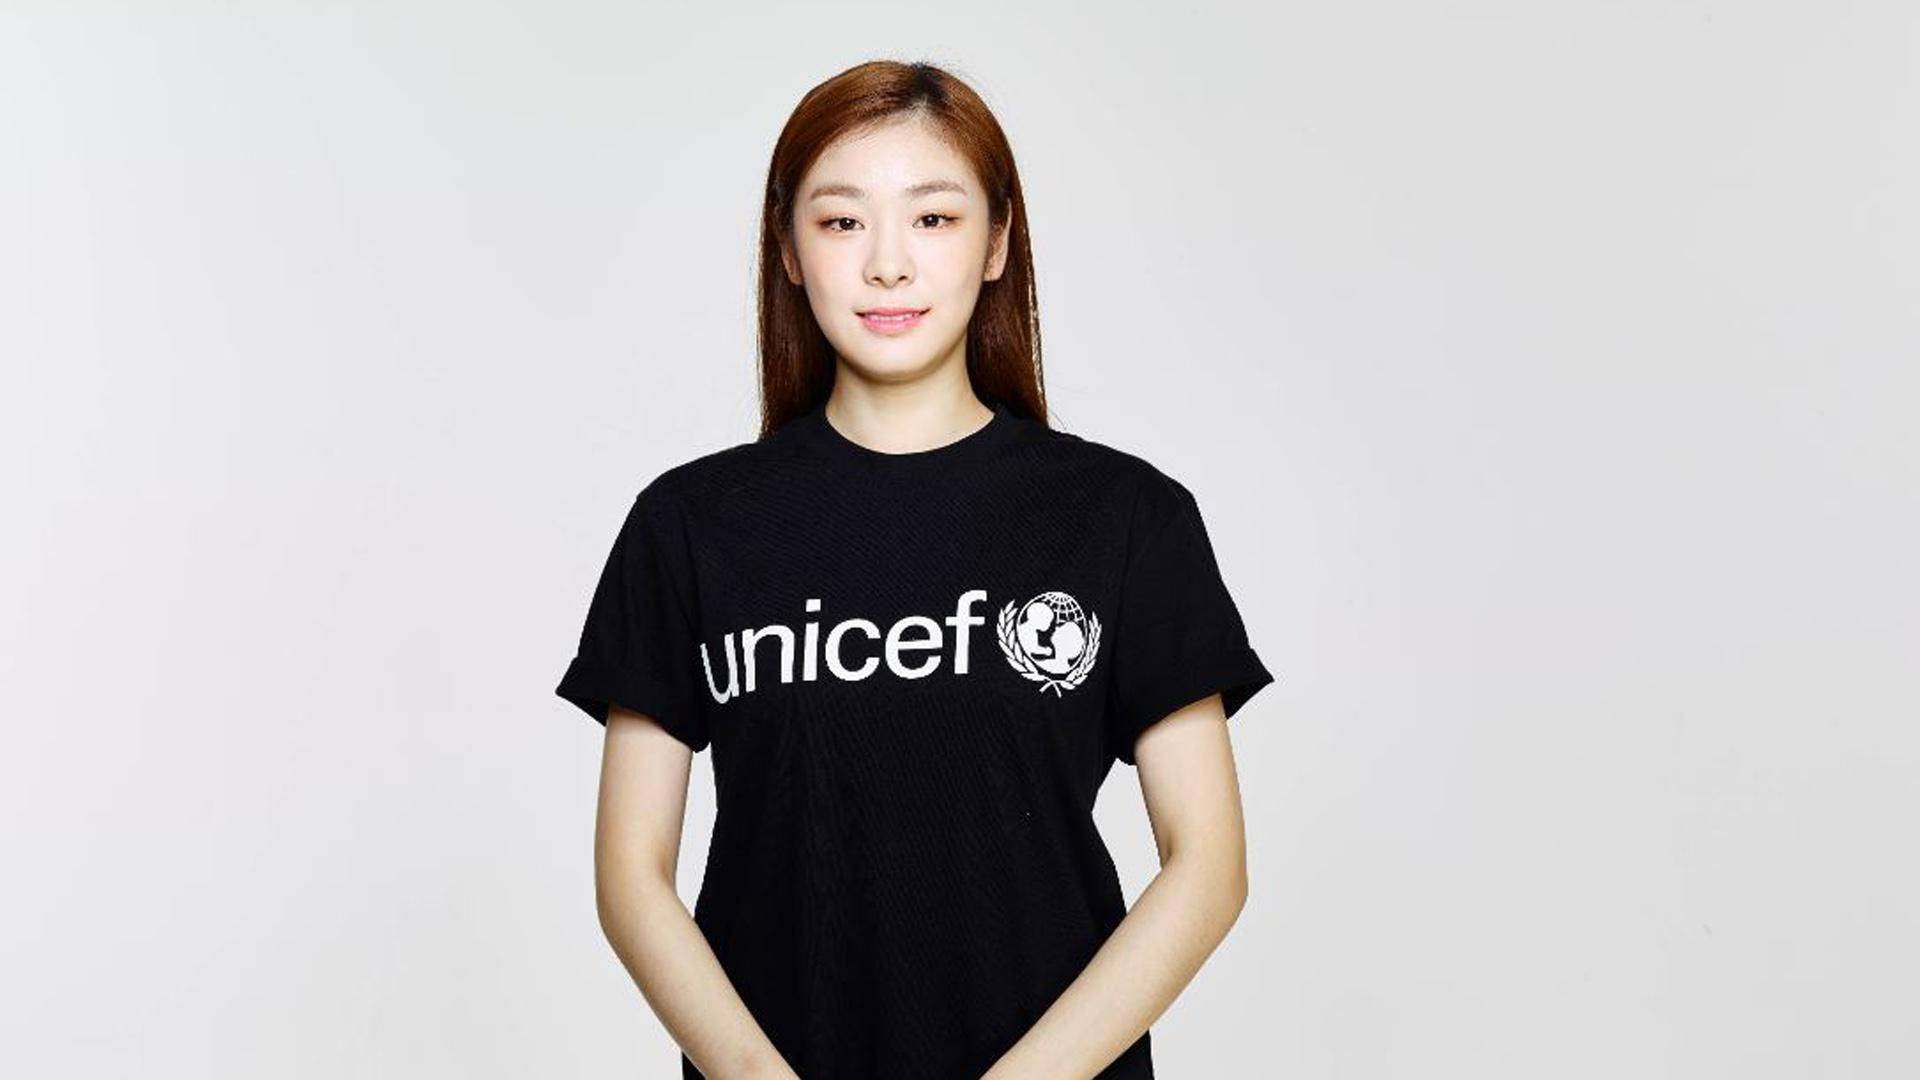 [SNS핫피플] 김연아, 유니세프에 코로나19 백신지원 10만 달러 기부 外